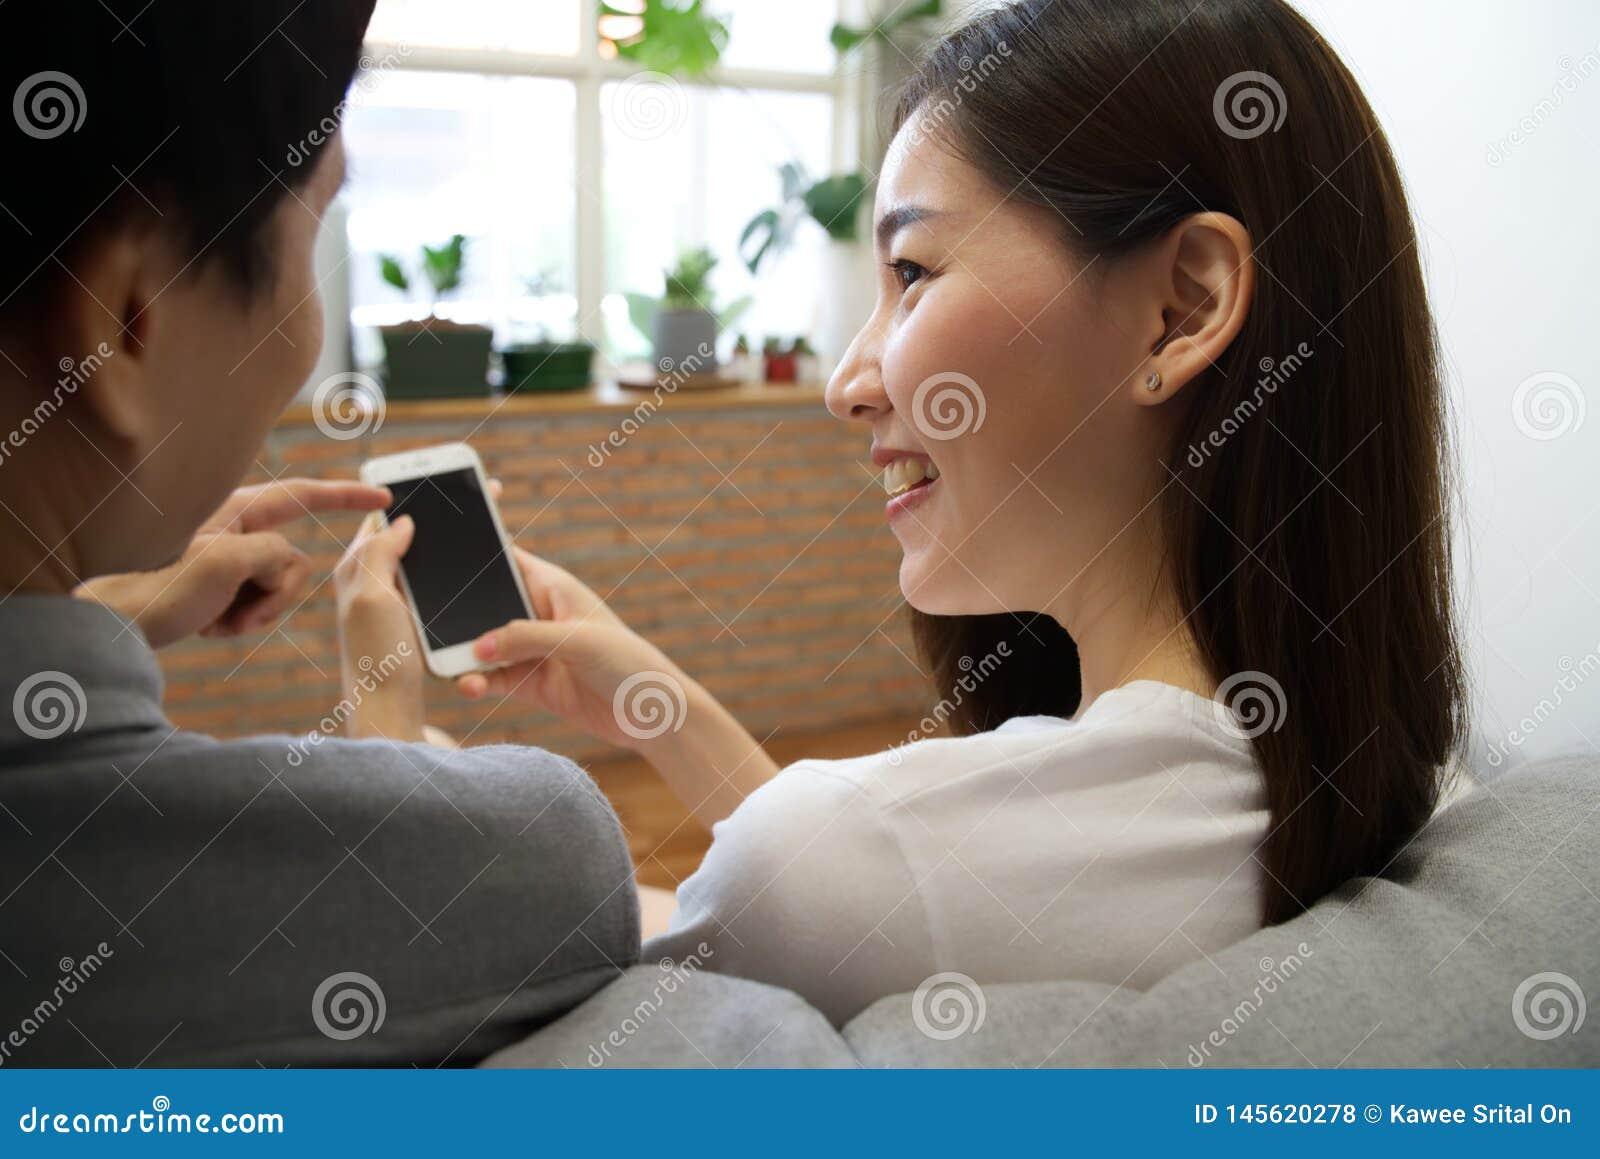 Los pares asiáticos jovenes que se sientan en el sofá están mirando el teléfono móvil